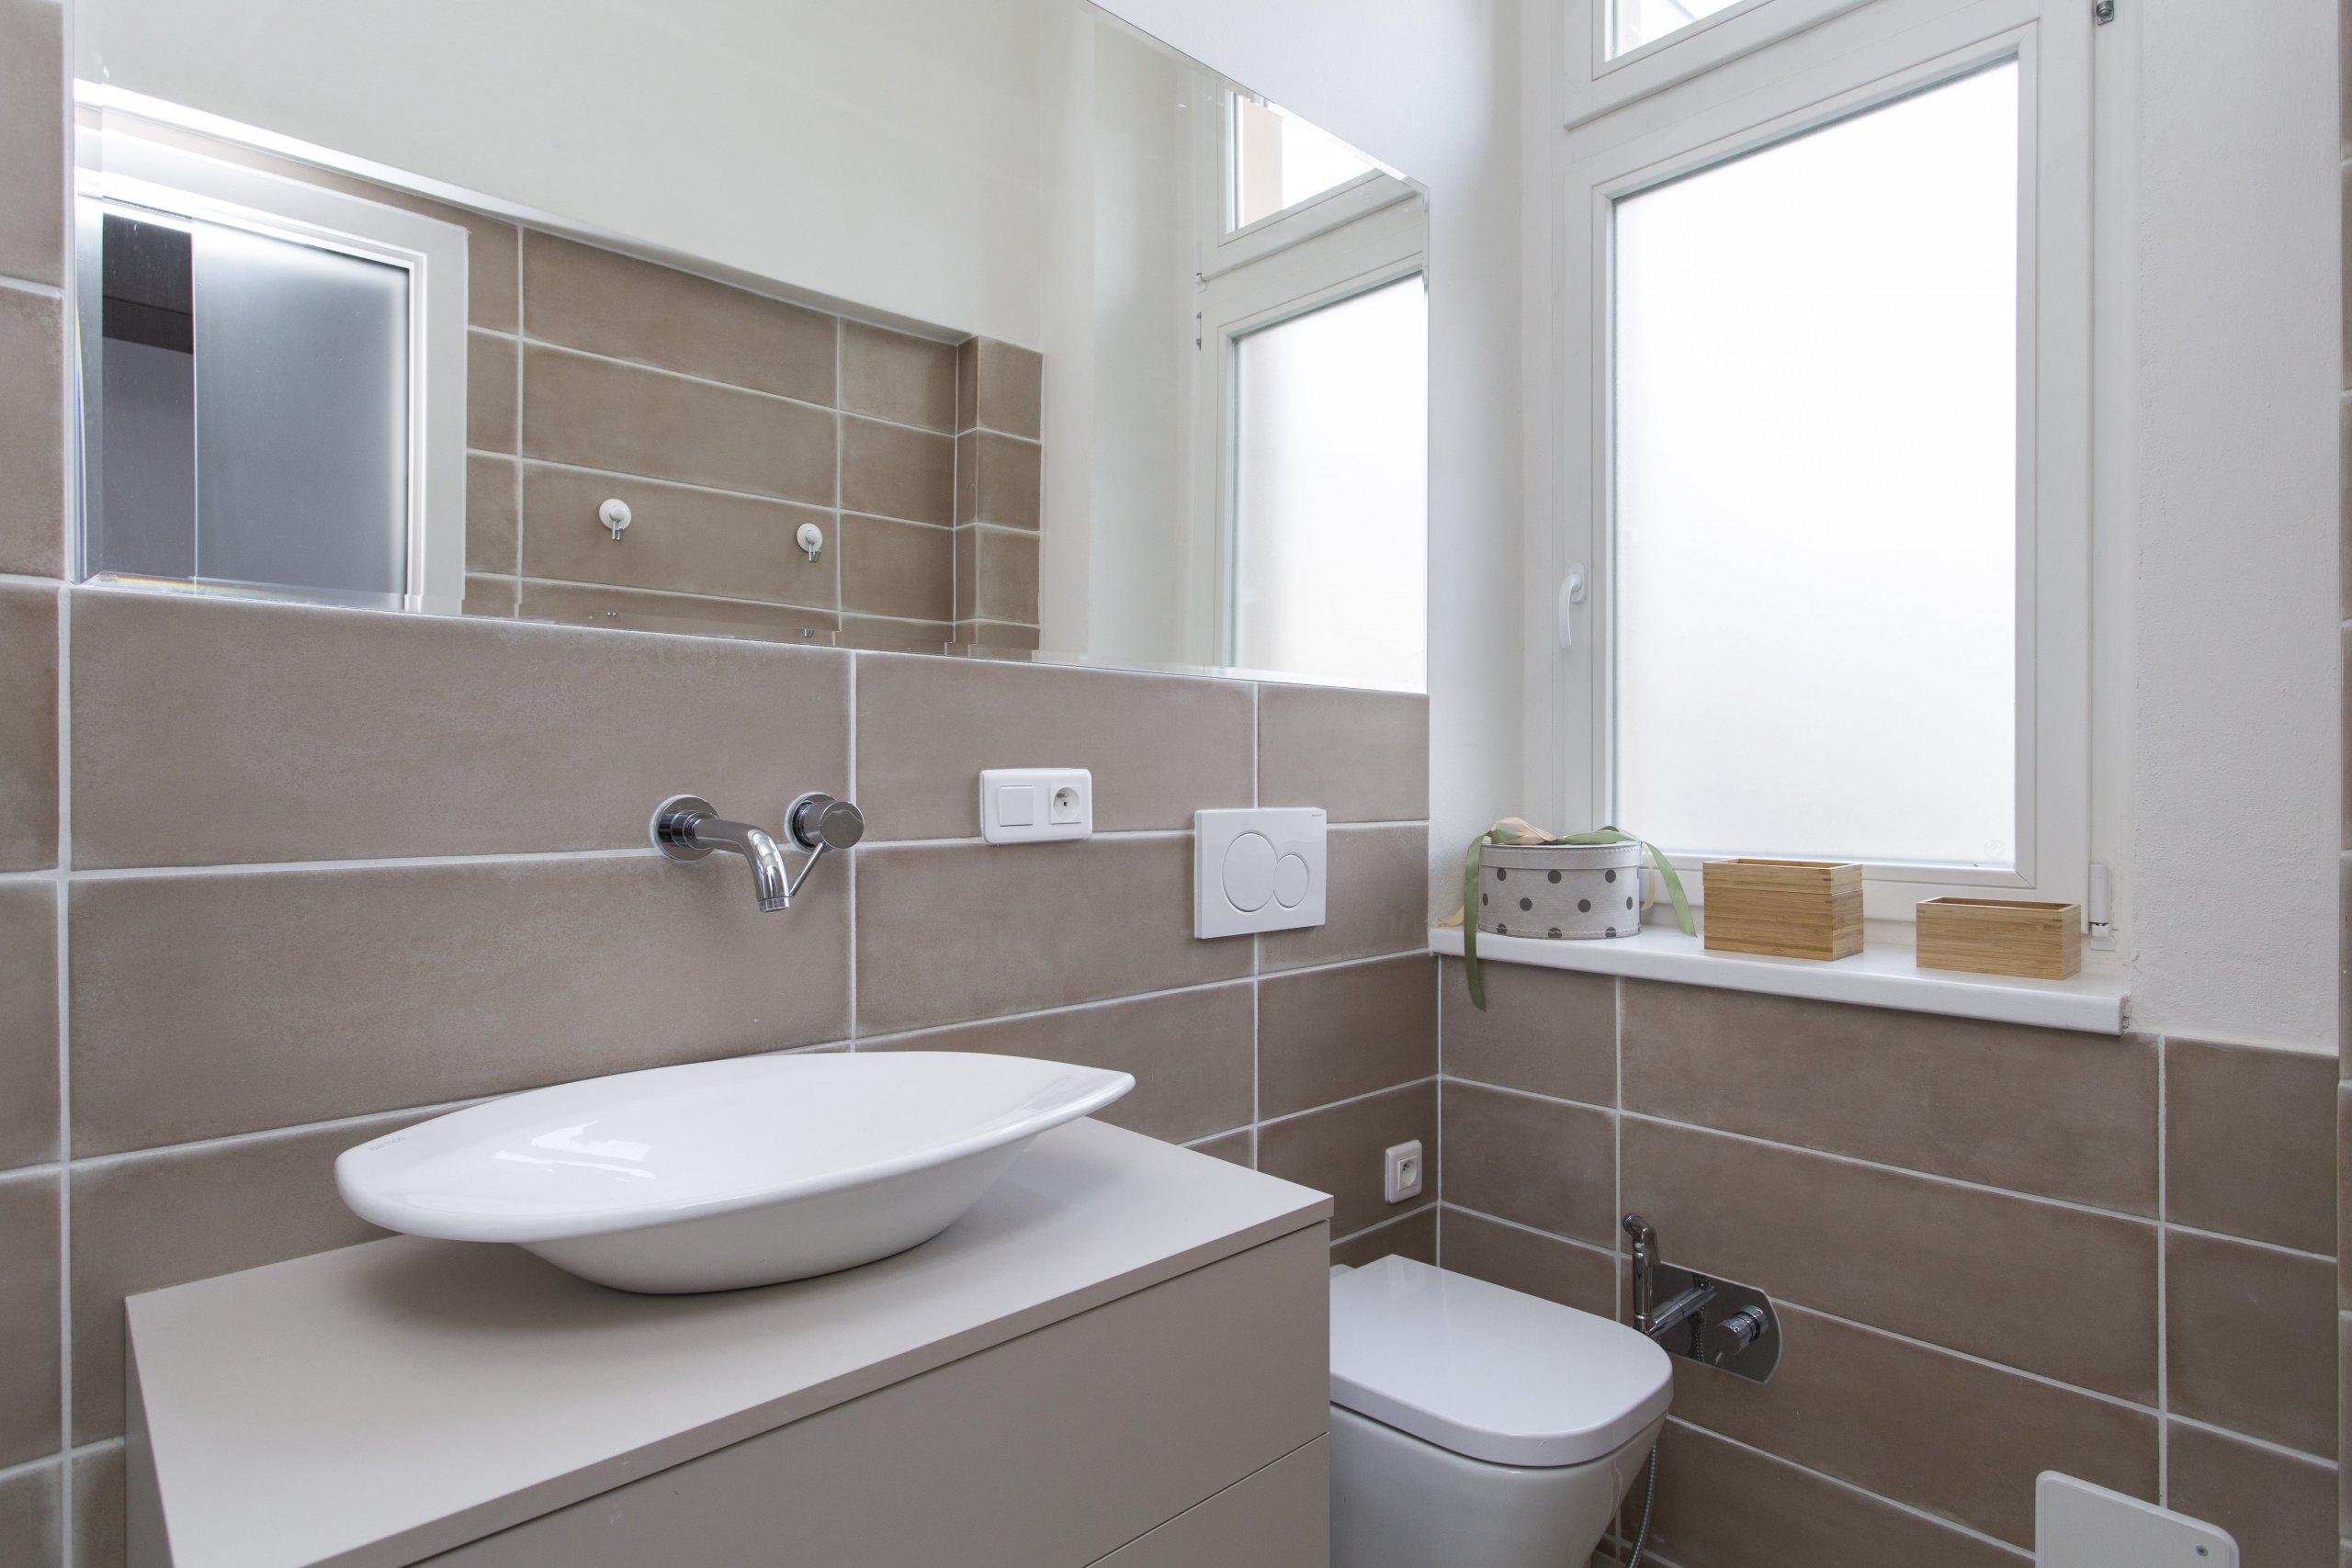 Rekonstrukce původně bytu 3+1 na Praze 7, kousek od Stromovky, nabízela opět práci v budově, která má své kouzlo. Parkety, vysoké stropy, tlusté zdi. Úkol zněl…